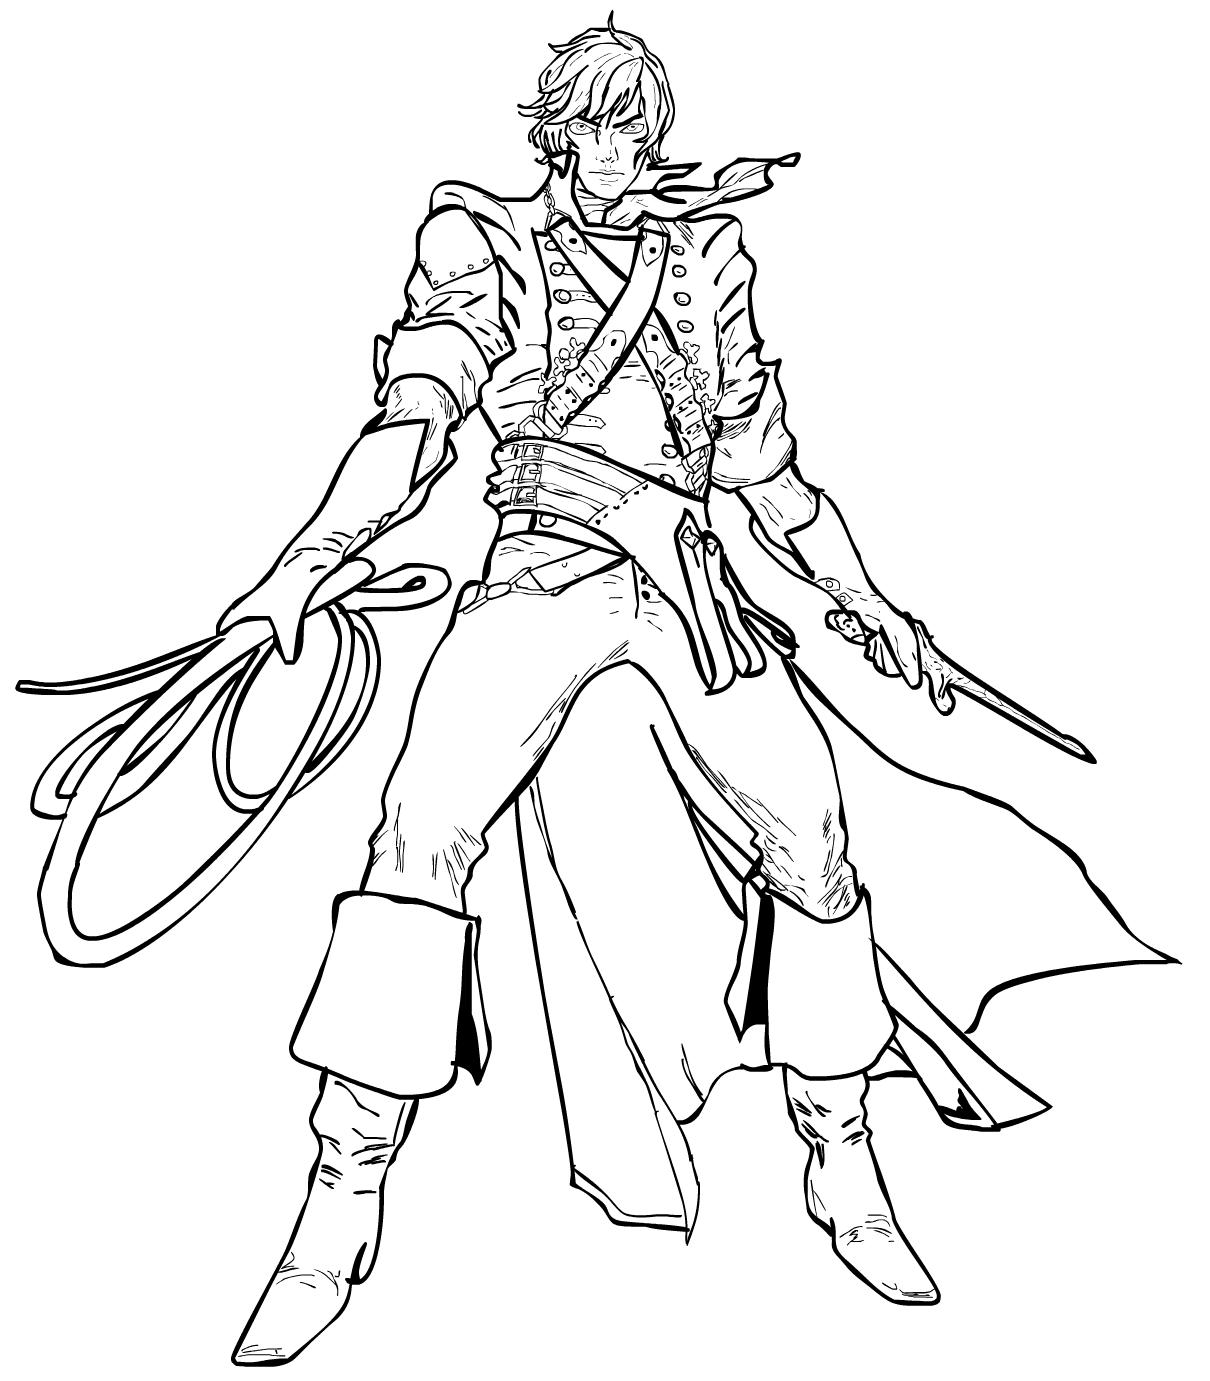 Richter Belmont Sketch